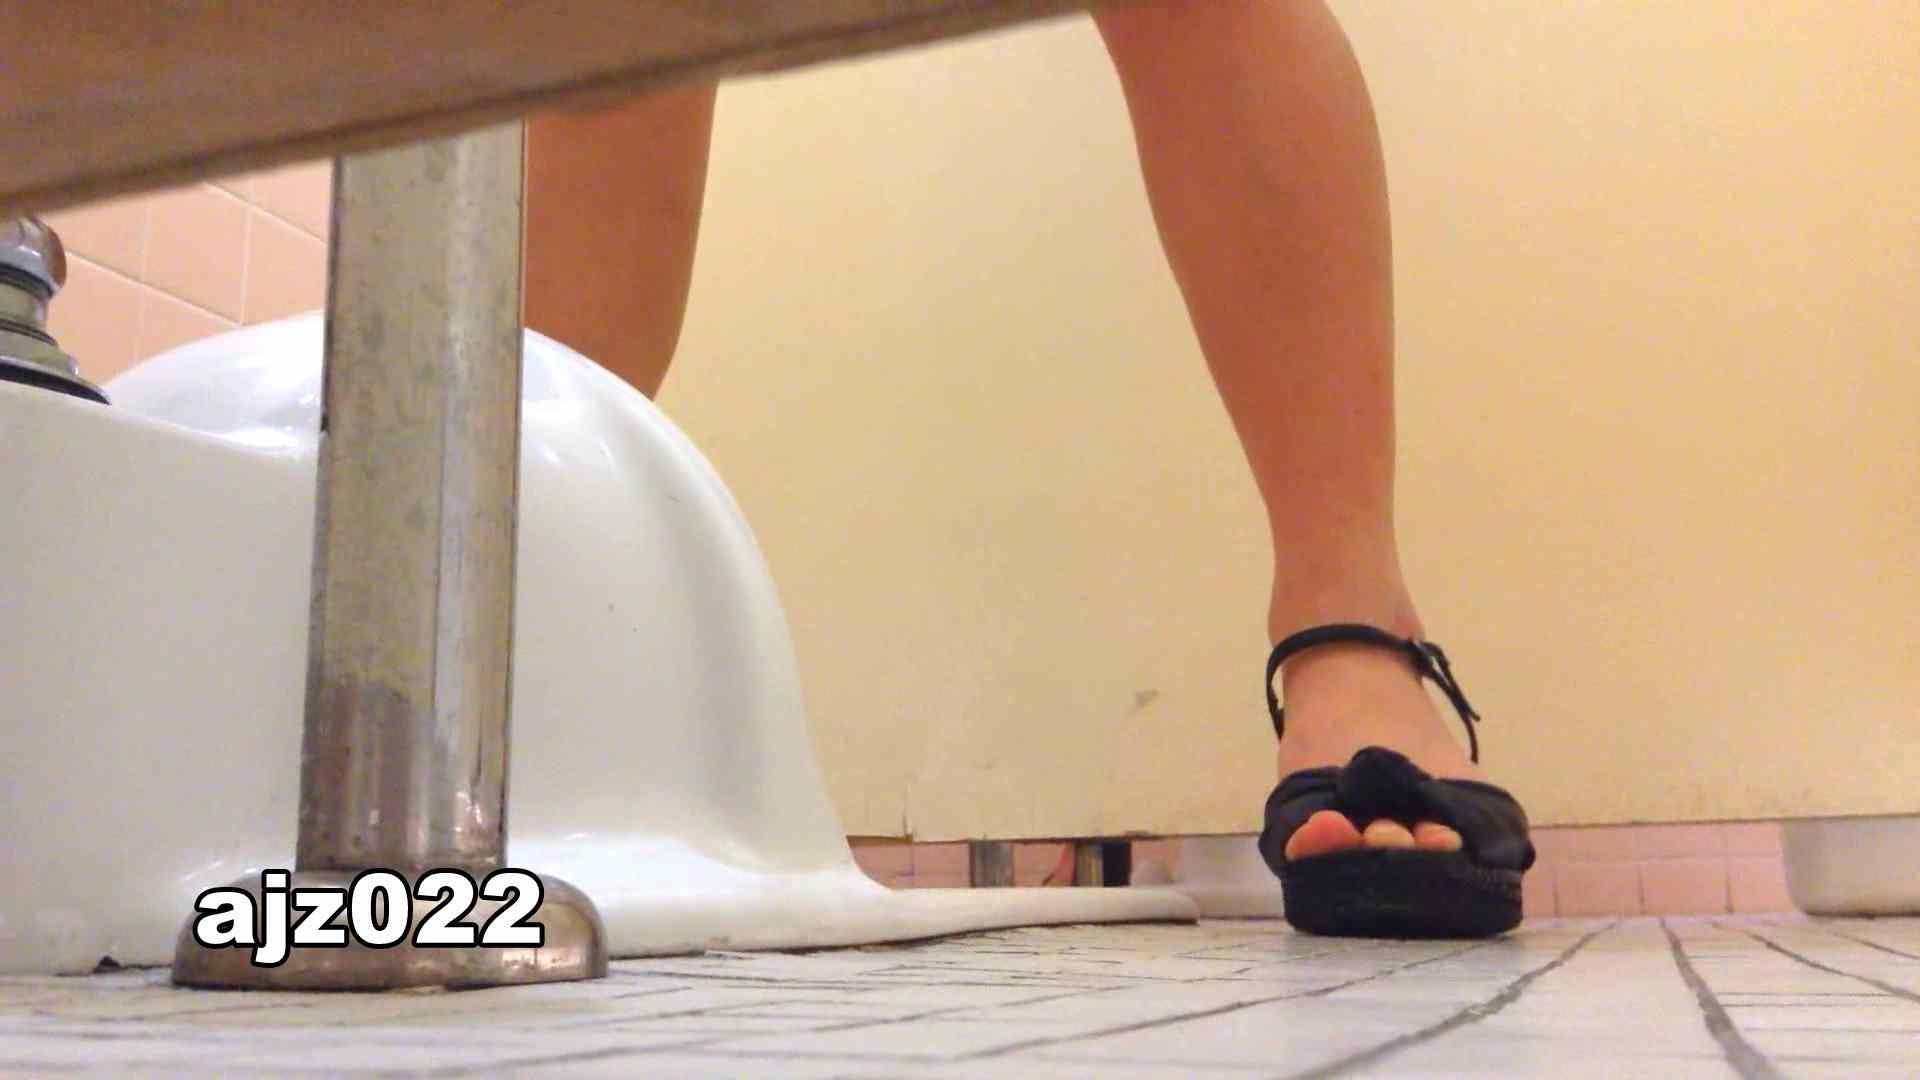 某有名大学女性洗面所 vol.22 排泄  78PIX 22